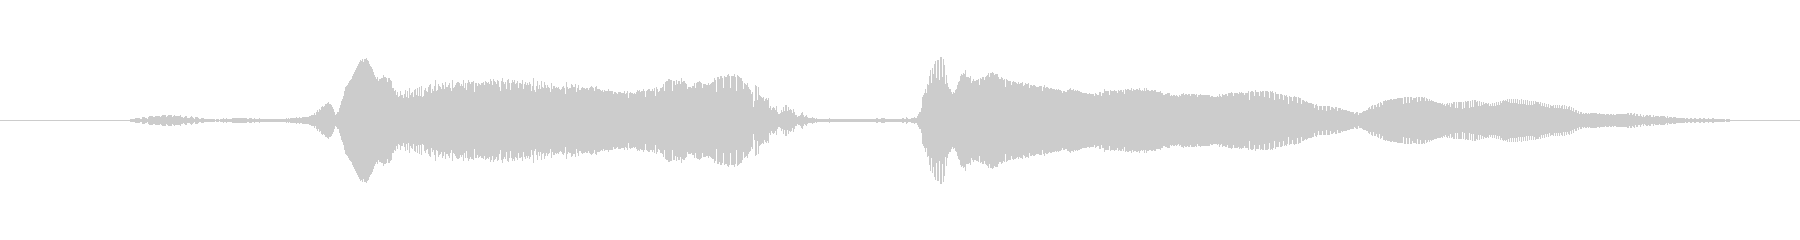 鳴き声 興奮女性02 W湖の未再生の波形